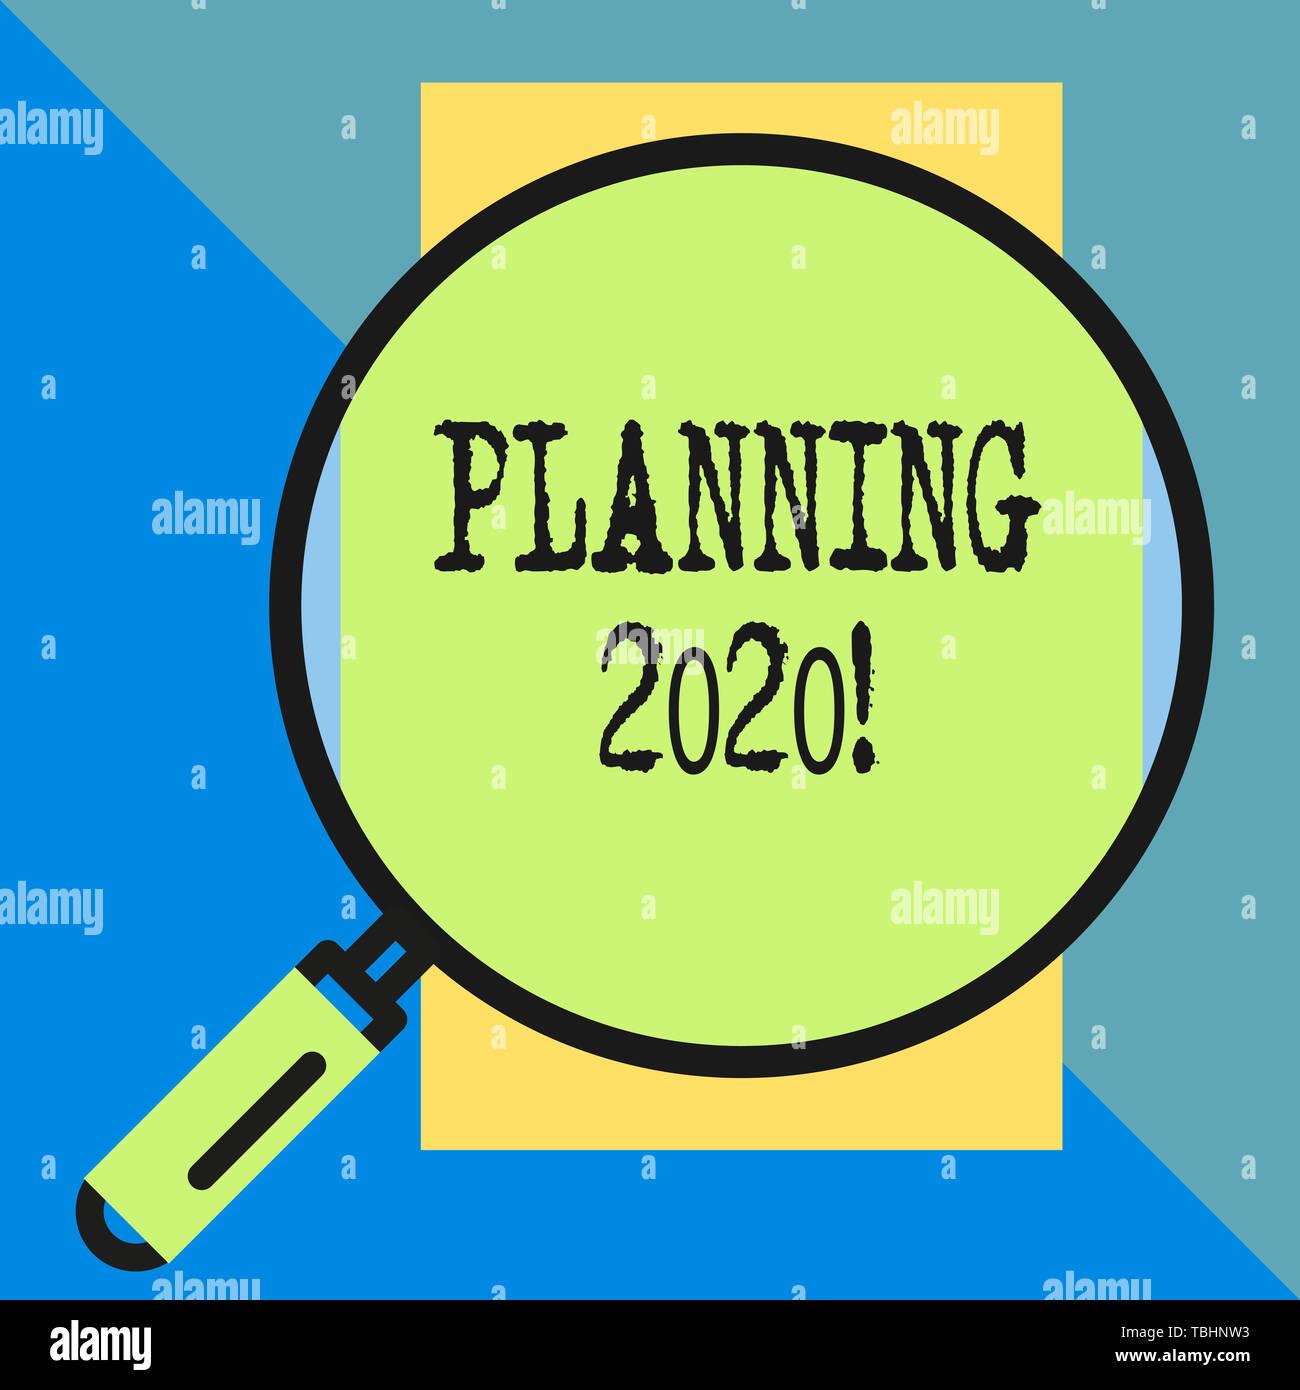 La planification du texte de l'écriture en 2020. Photo conceptuelle processus de faire des plans pour l'année prochaine quelque chose de grand port à rectangle vertical. Géométriques incorporés Photo Stock